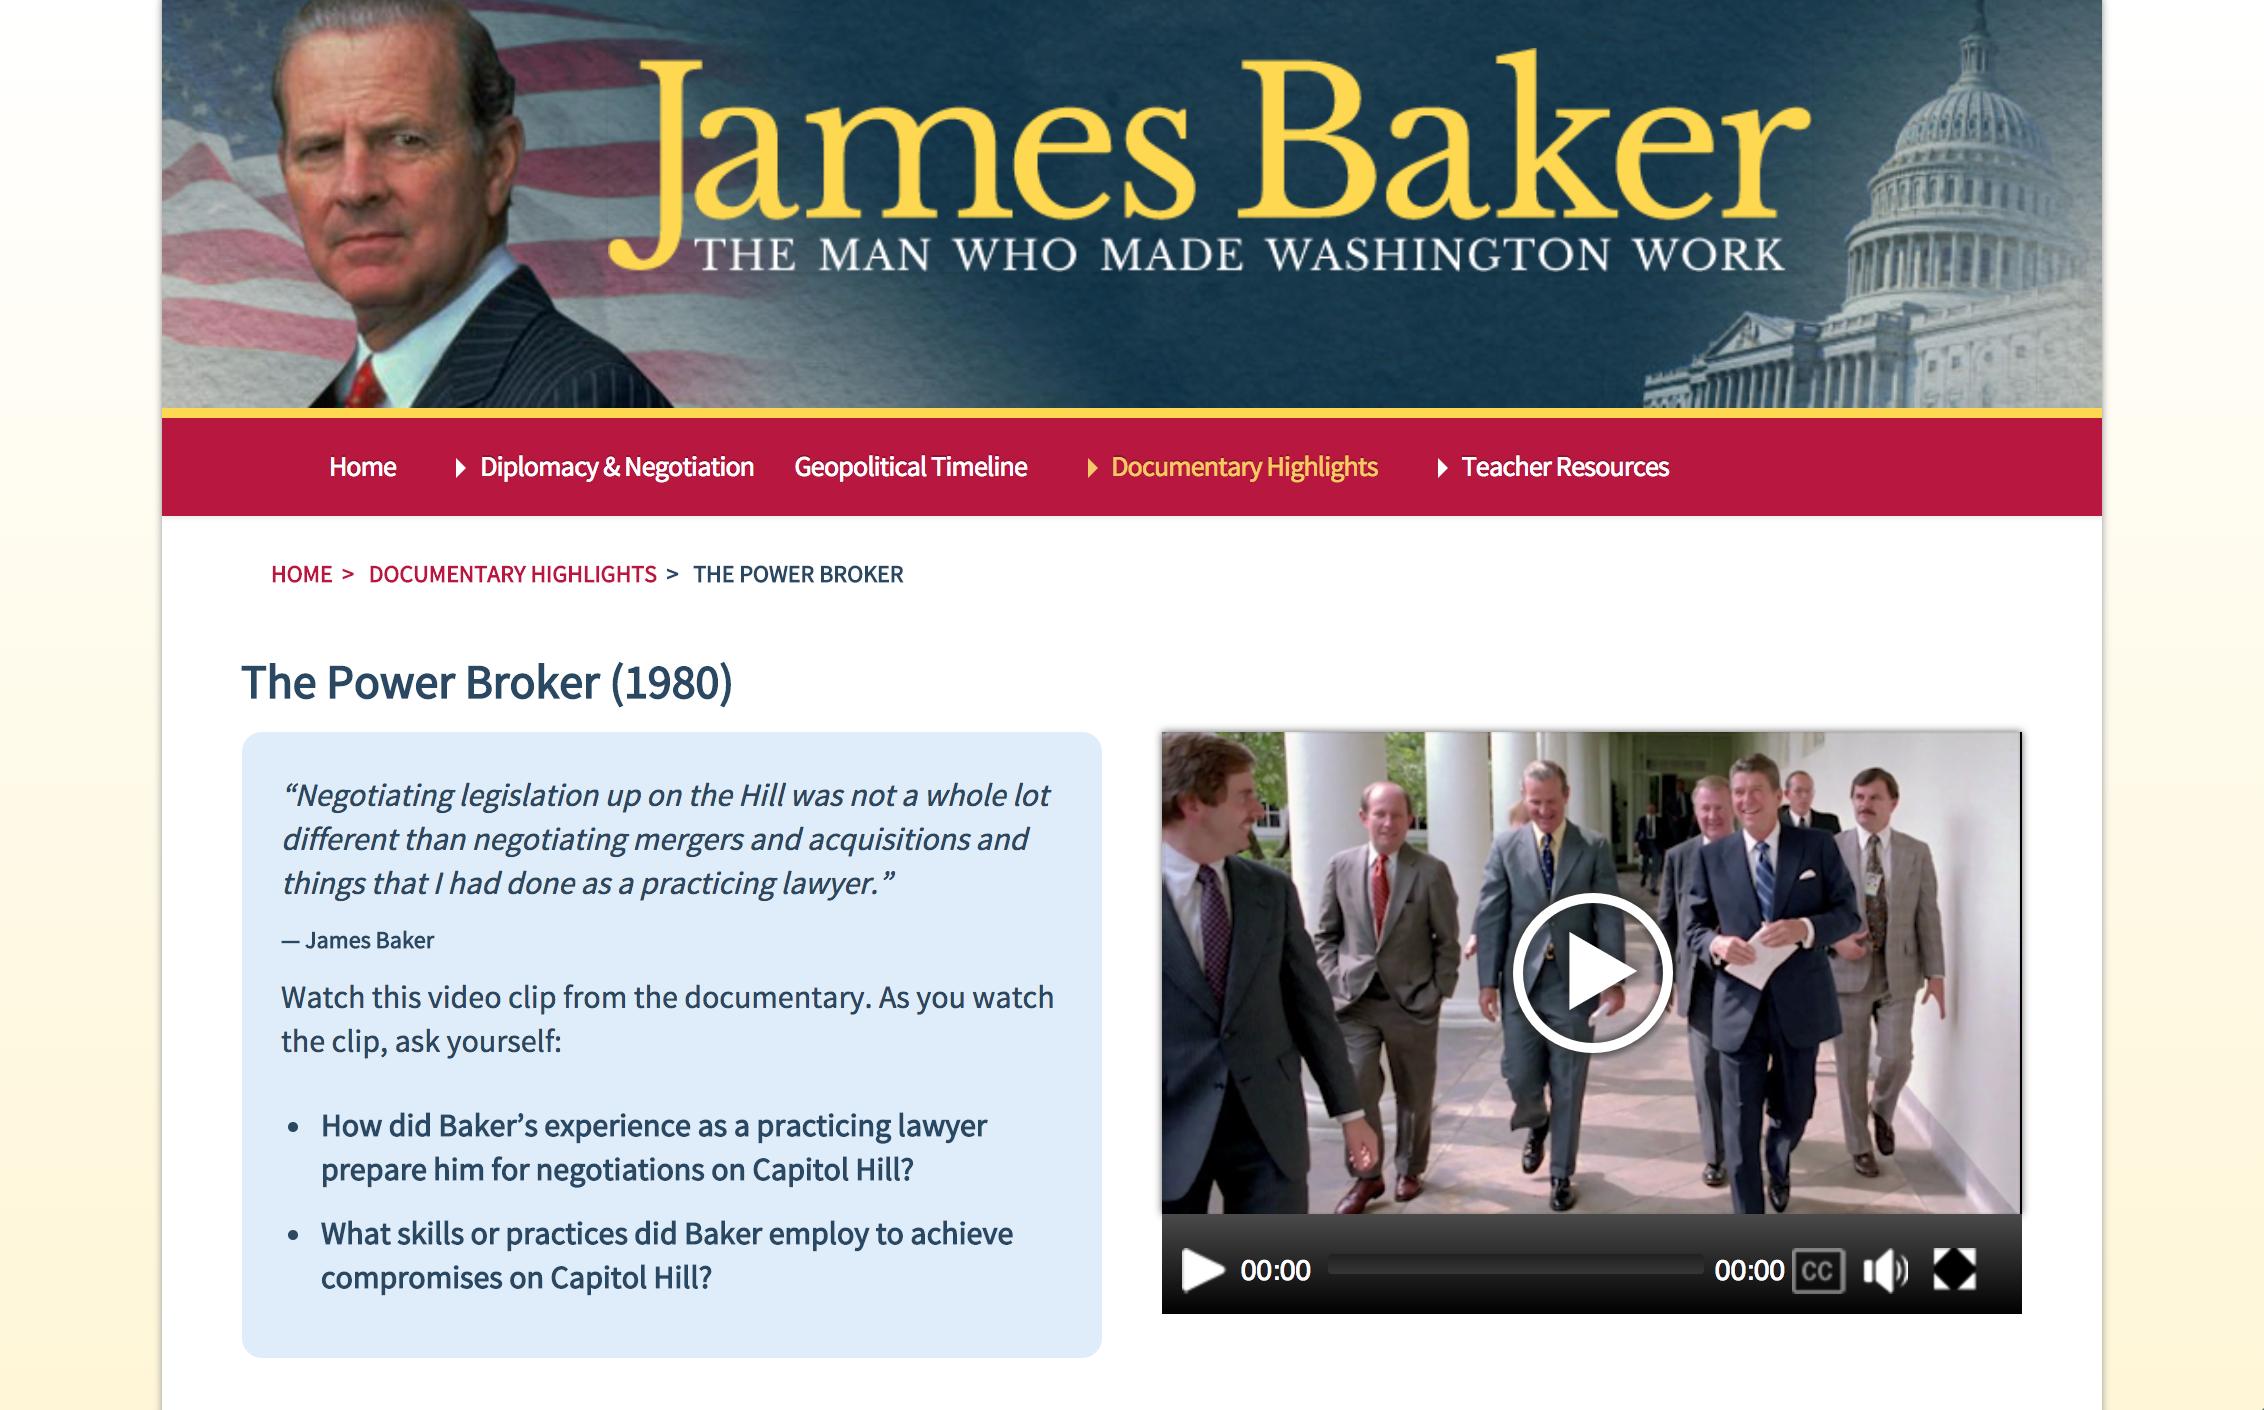 James Baker documentary highlights